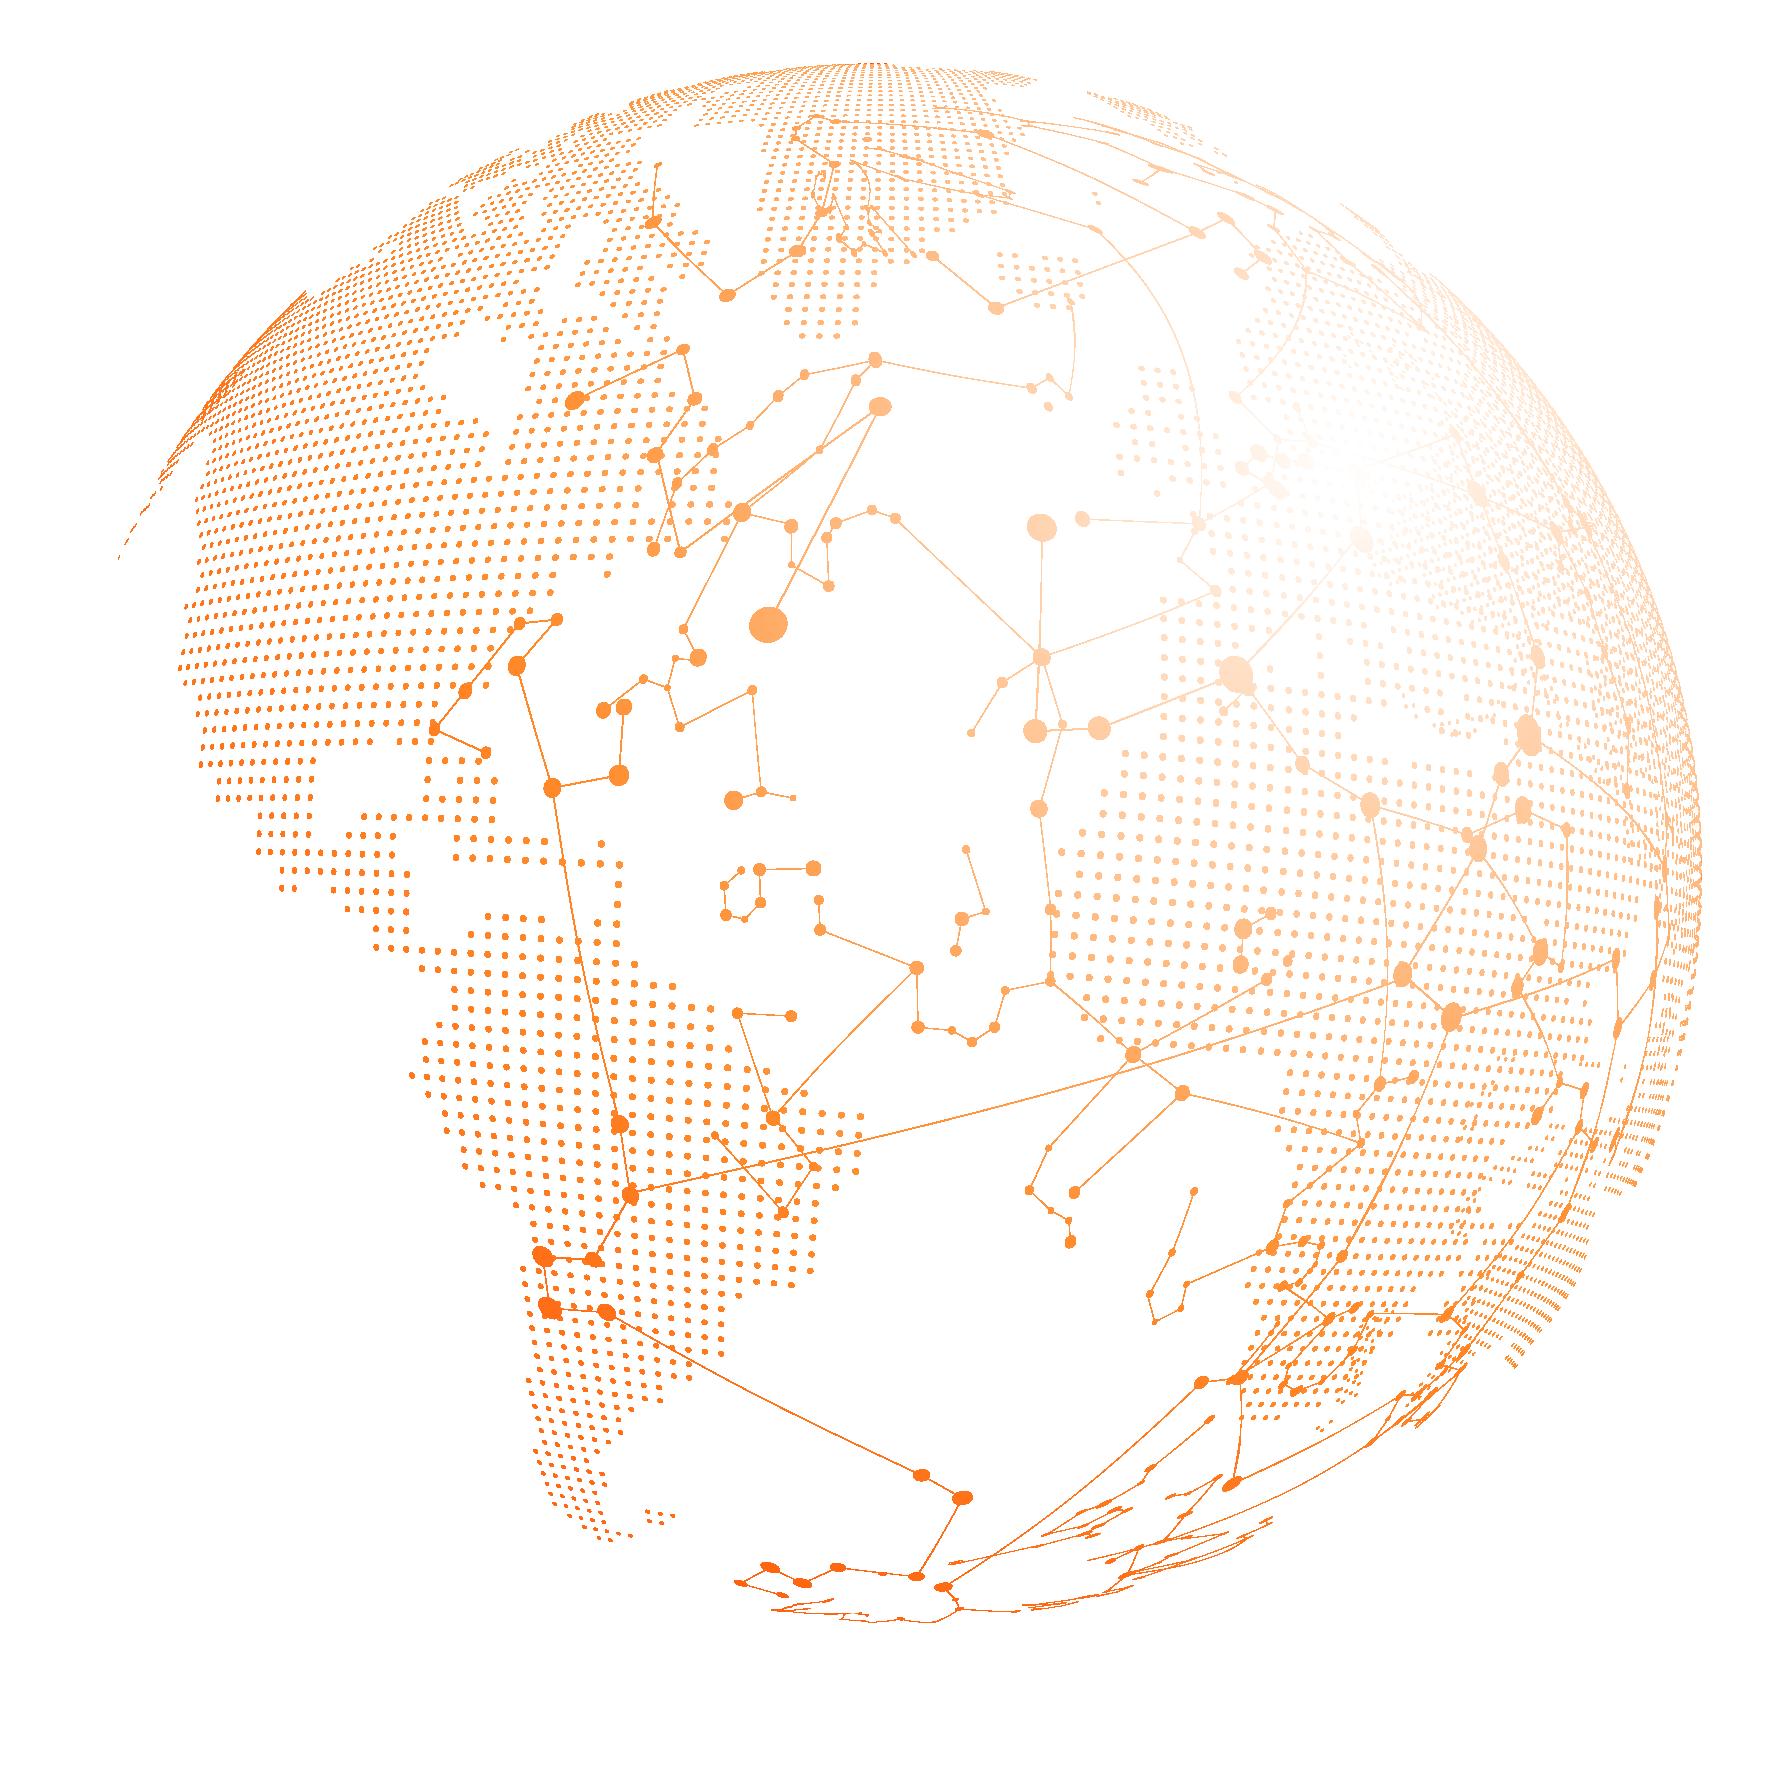 科技地球-02-02